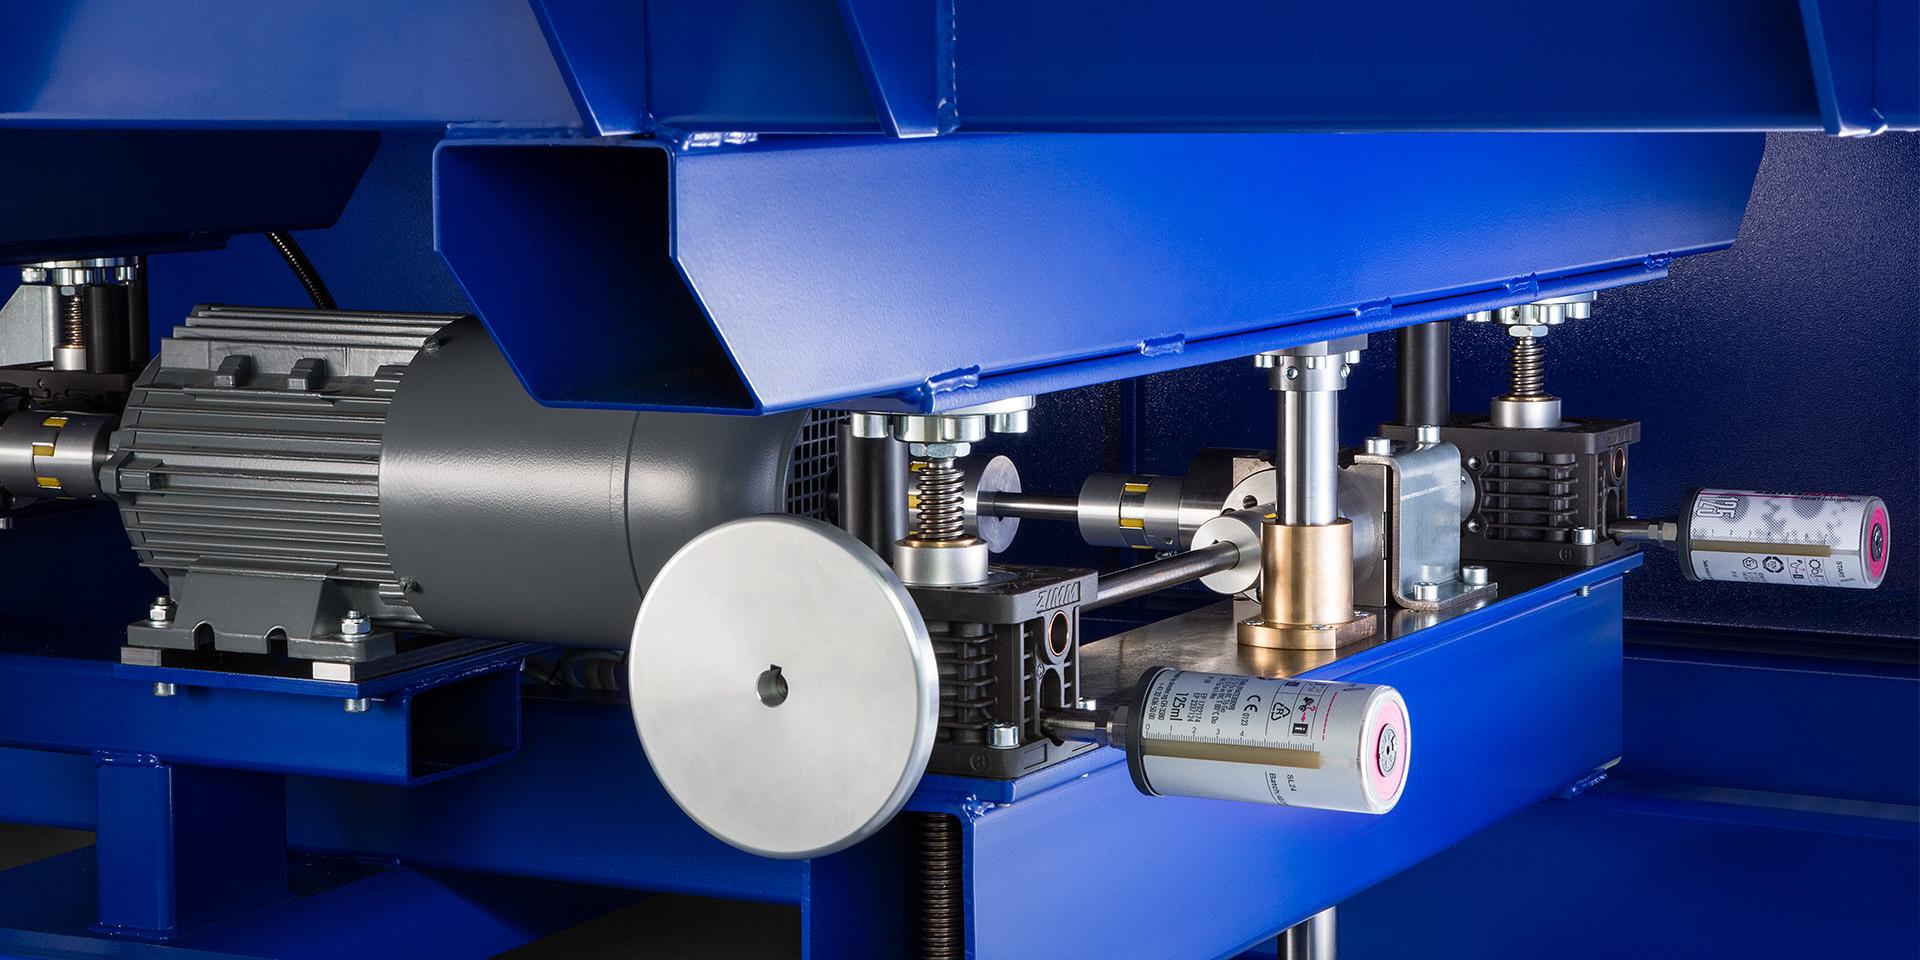 Detailaufnahme bei der Industriefotografie, TMV CNC in Klaus